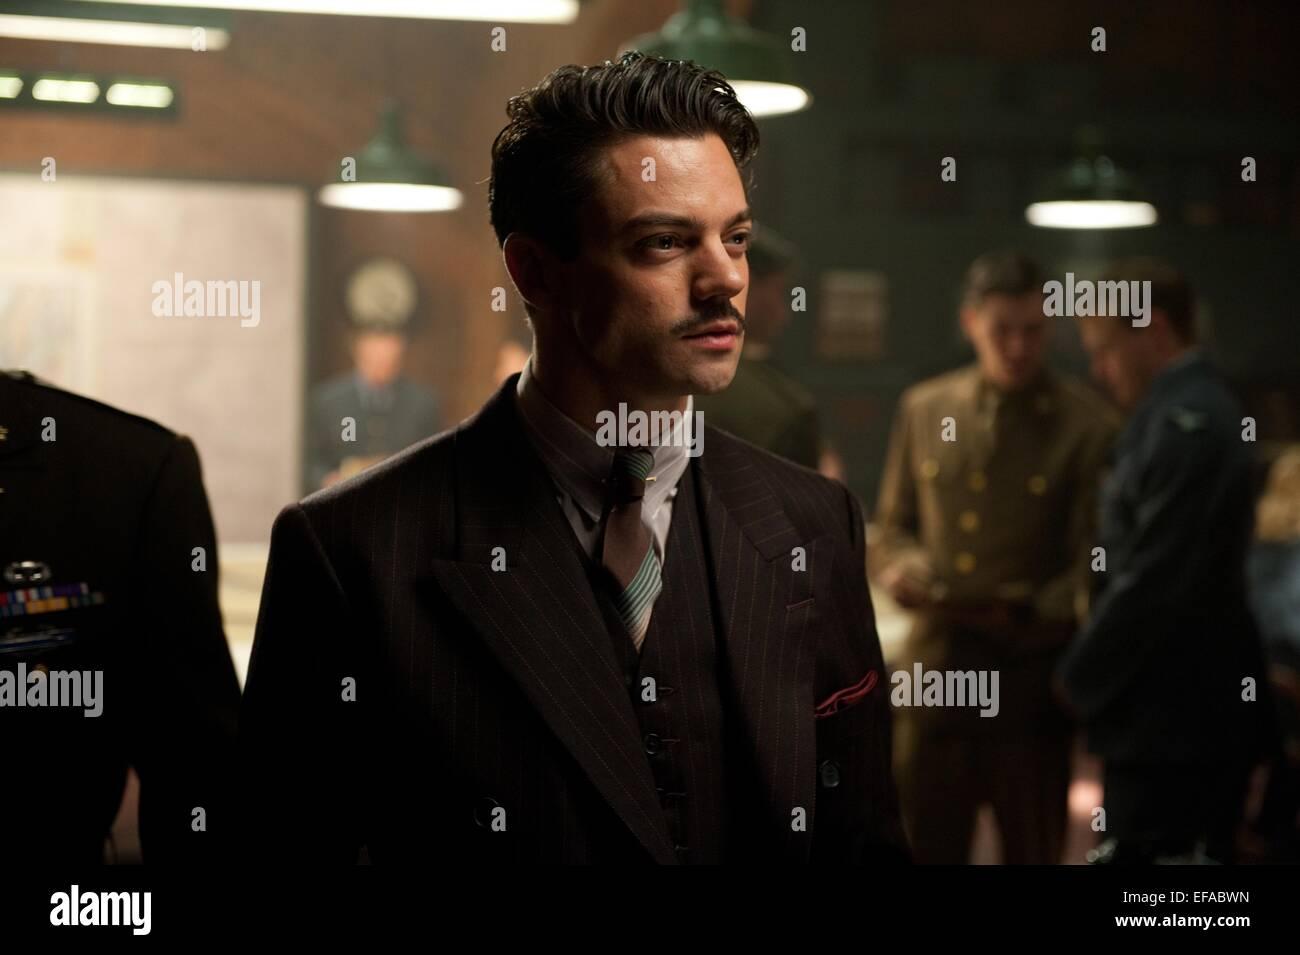 Captain america the first avenger 2011 - Dominic Cooper Captain America The First Avenger 2011